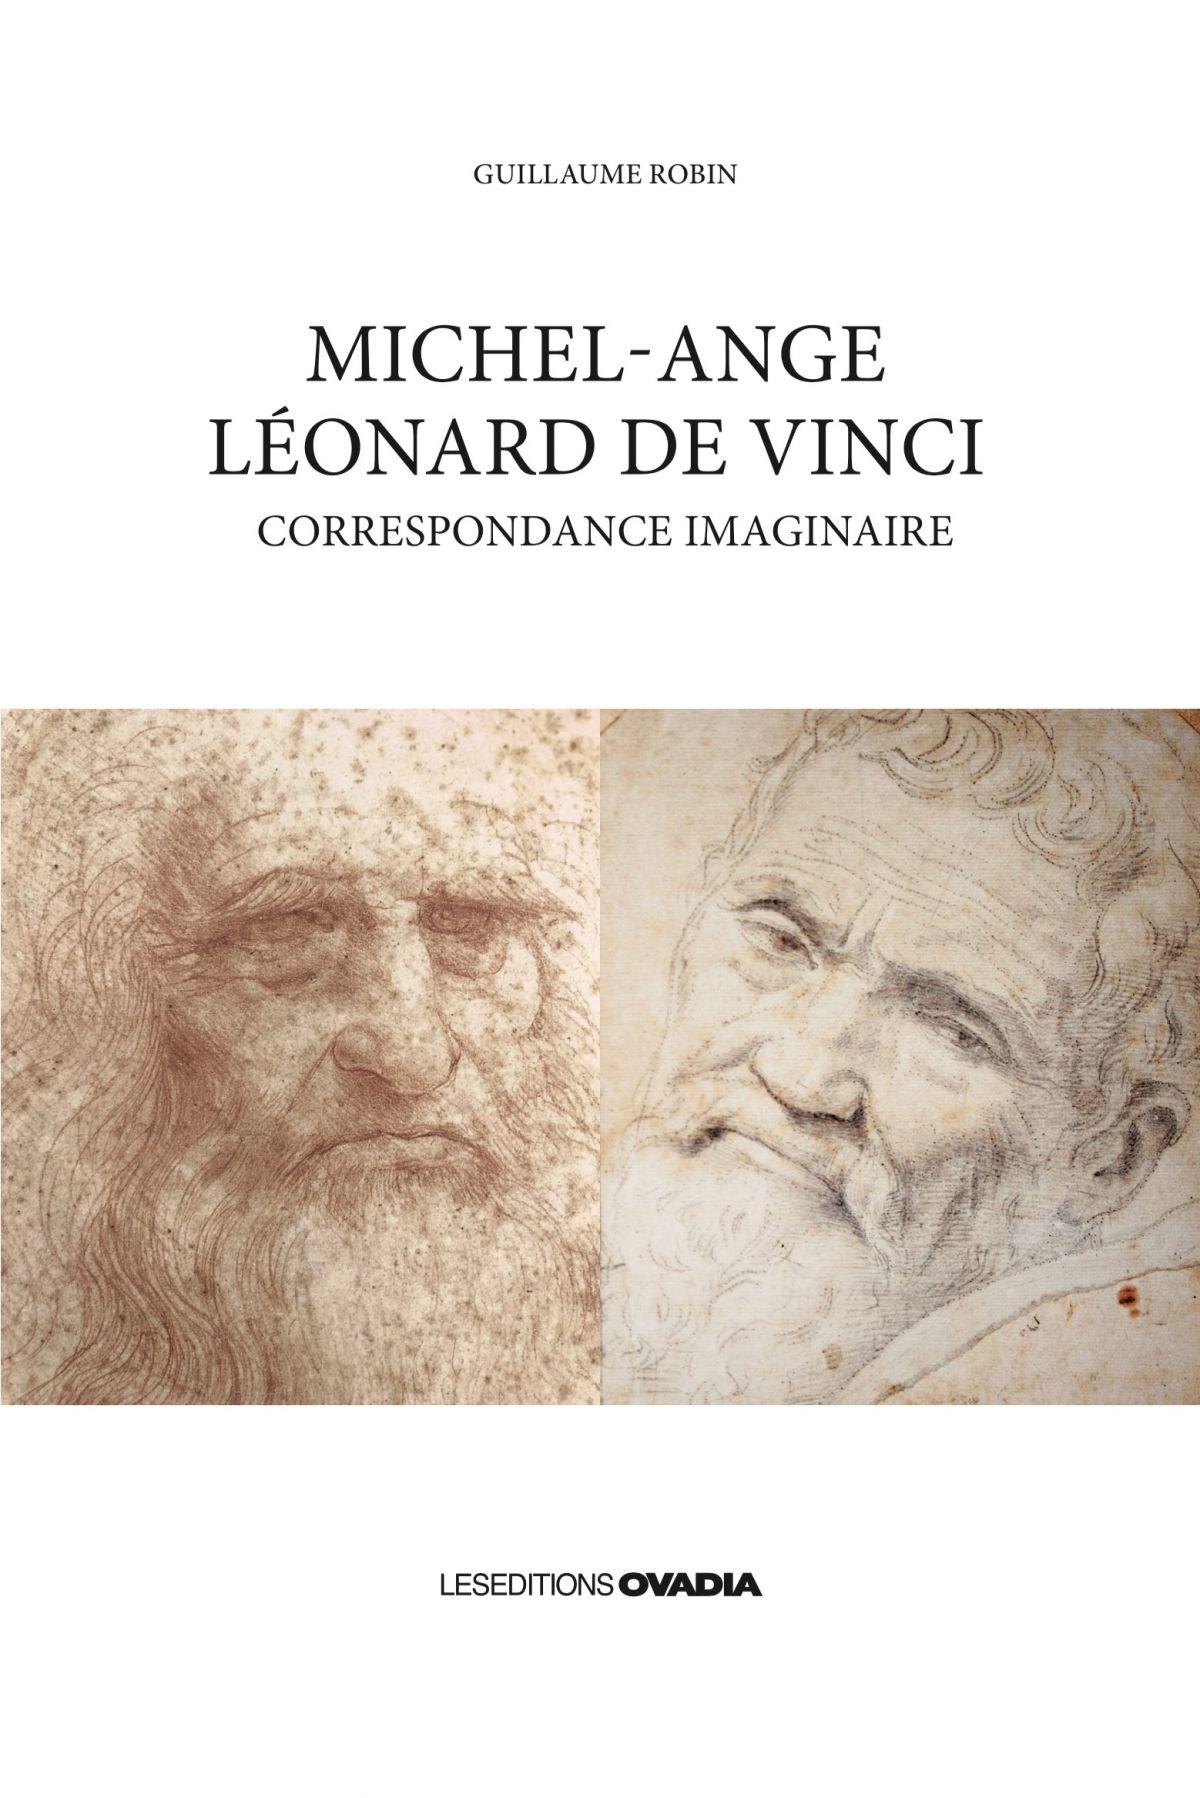 Un autre regard sur Léonard de Vinci à l'aube de l'exposition du Louvre COUV